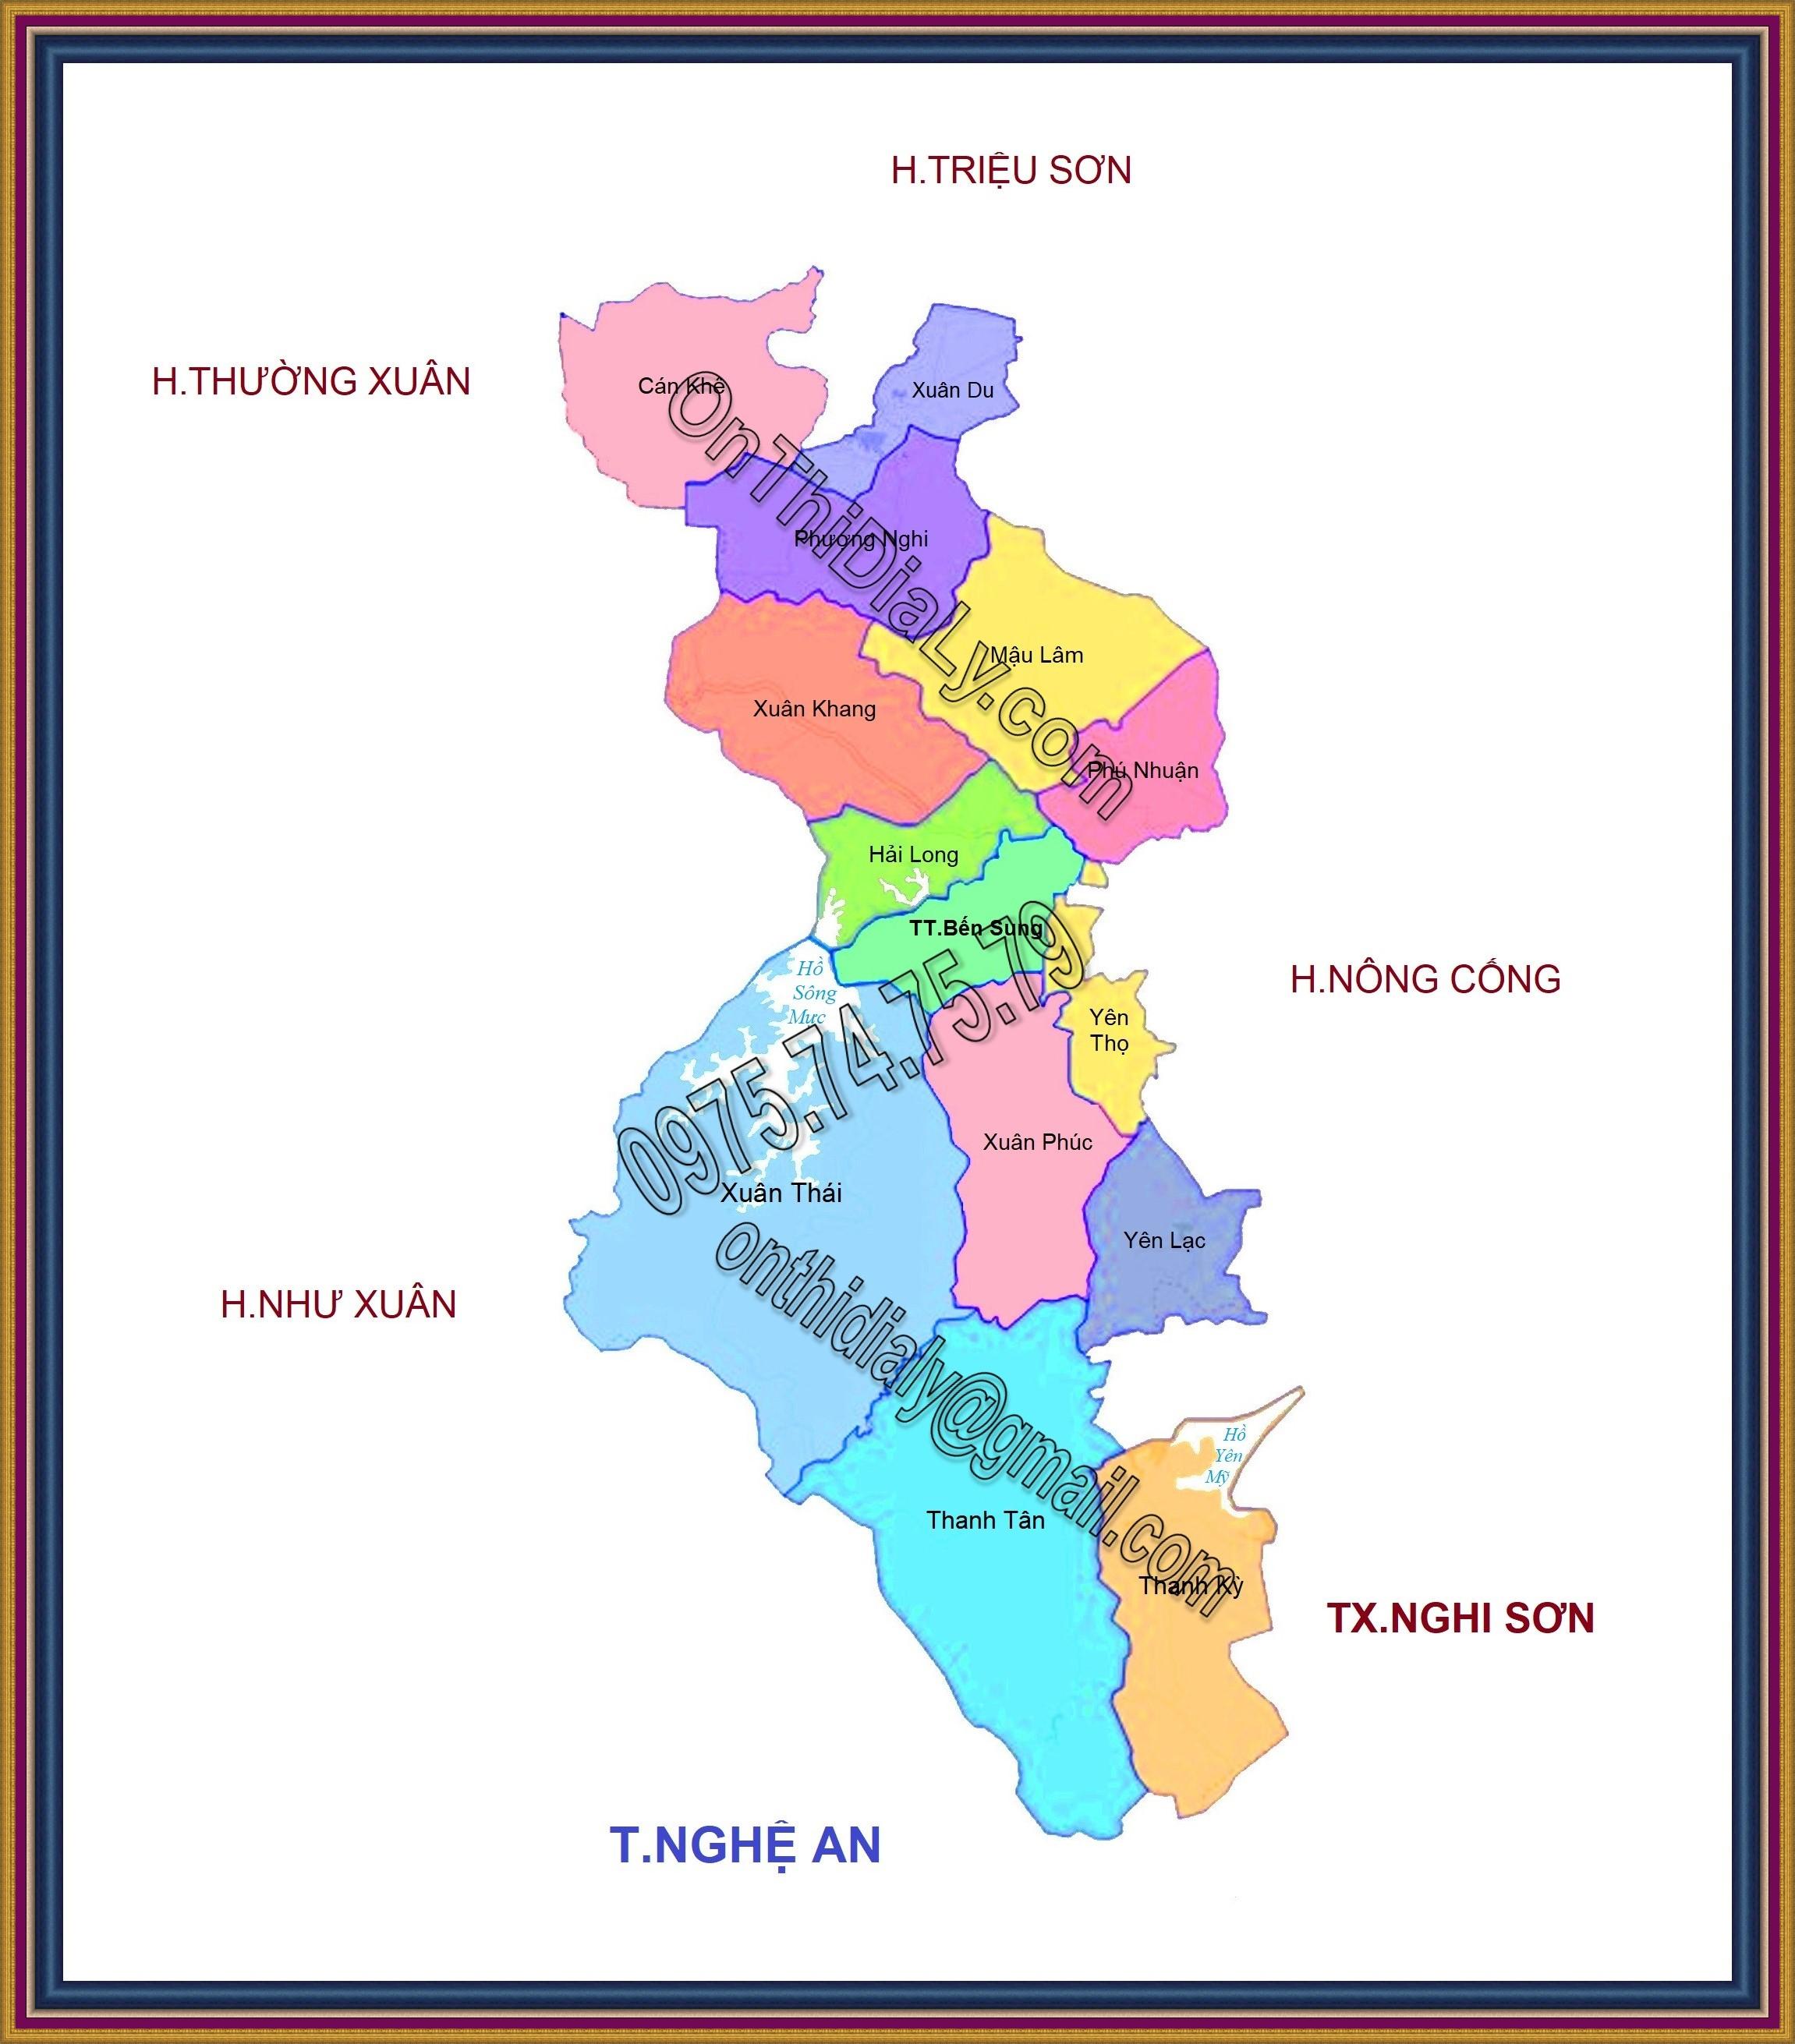 Bản đồ huyện Như Thanh, tỉnh Thanh Hóa